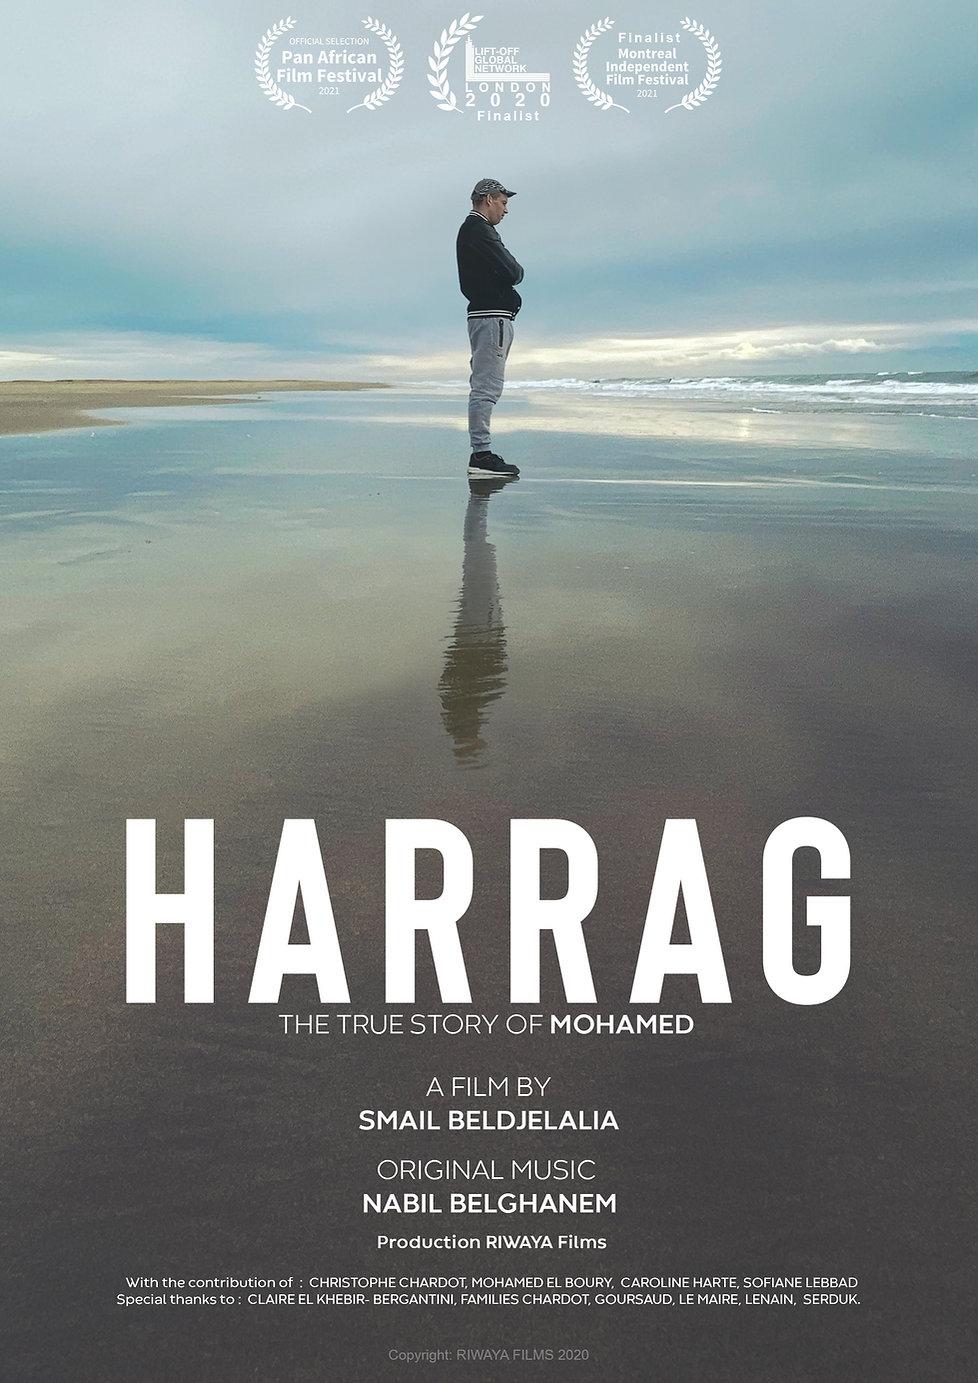 HARRAG +  3 Laurel EN .jpg